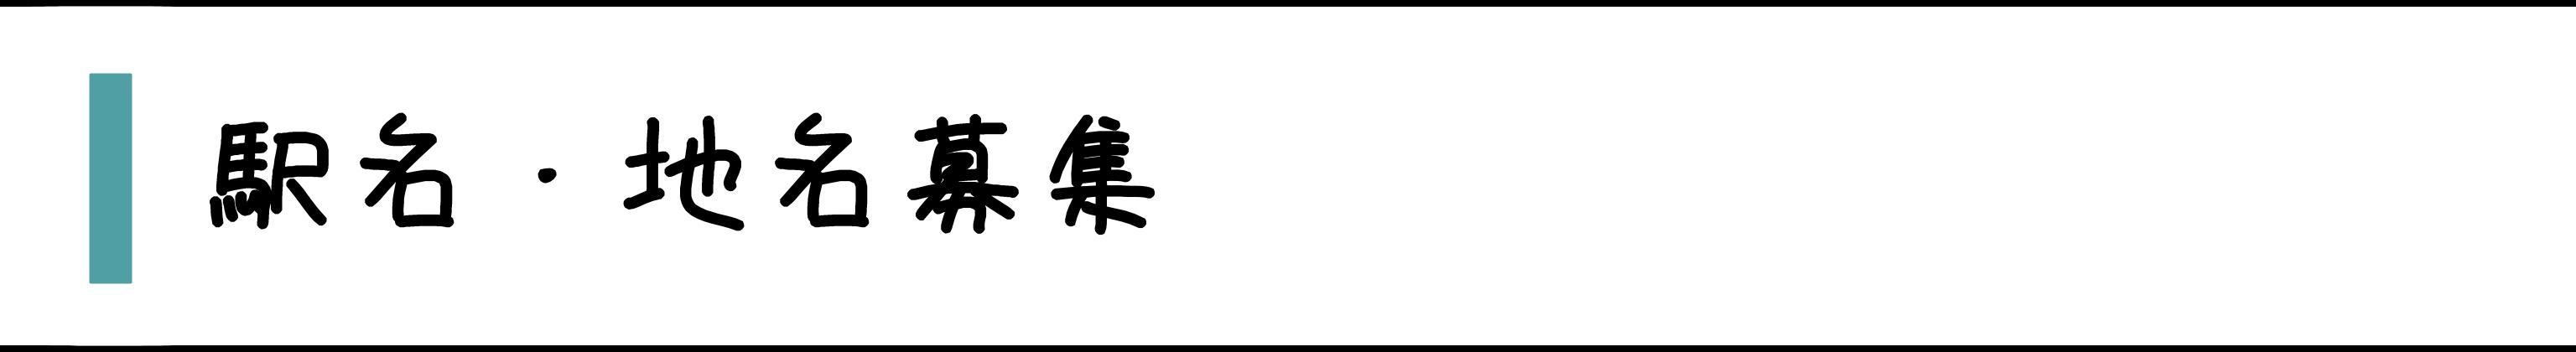 駅名・地名募集.PNG